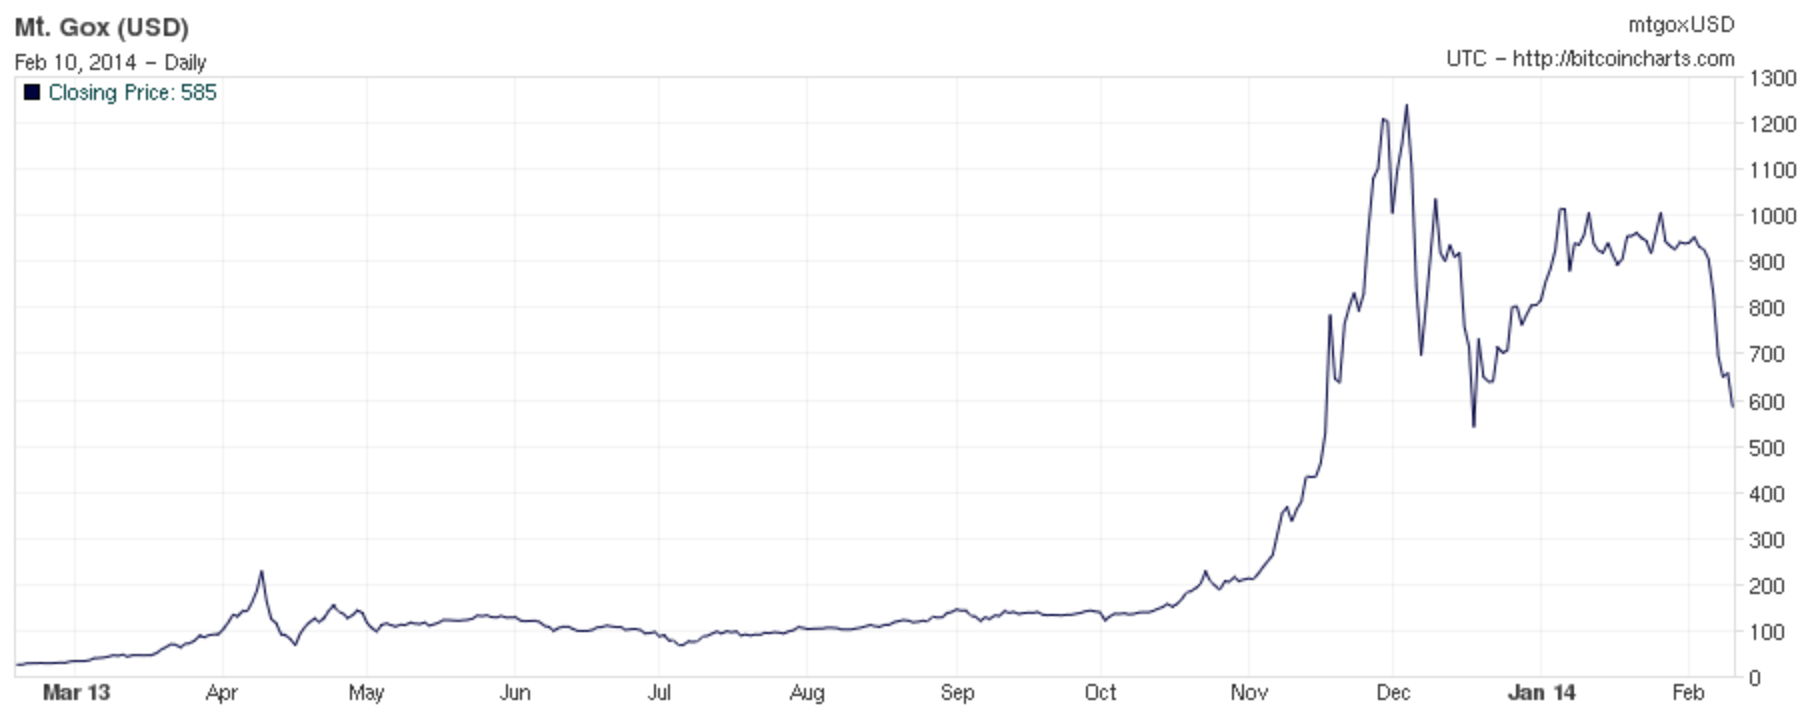 Source: bitcoincharts.com